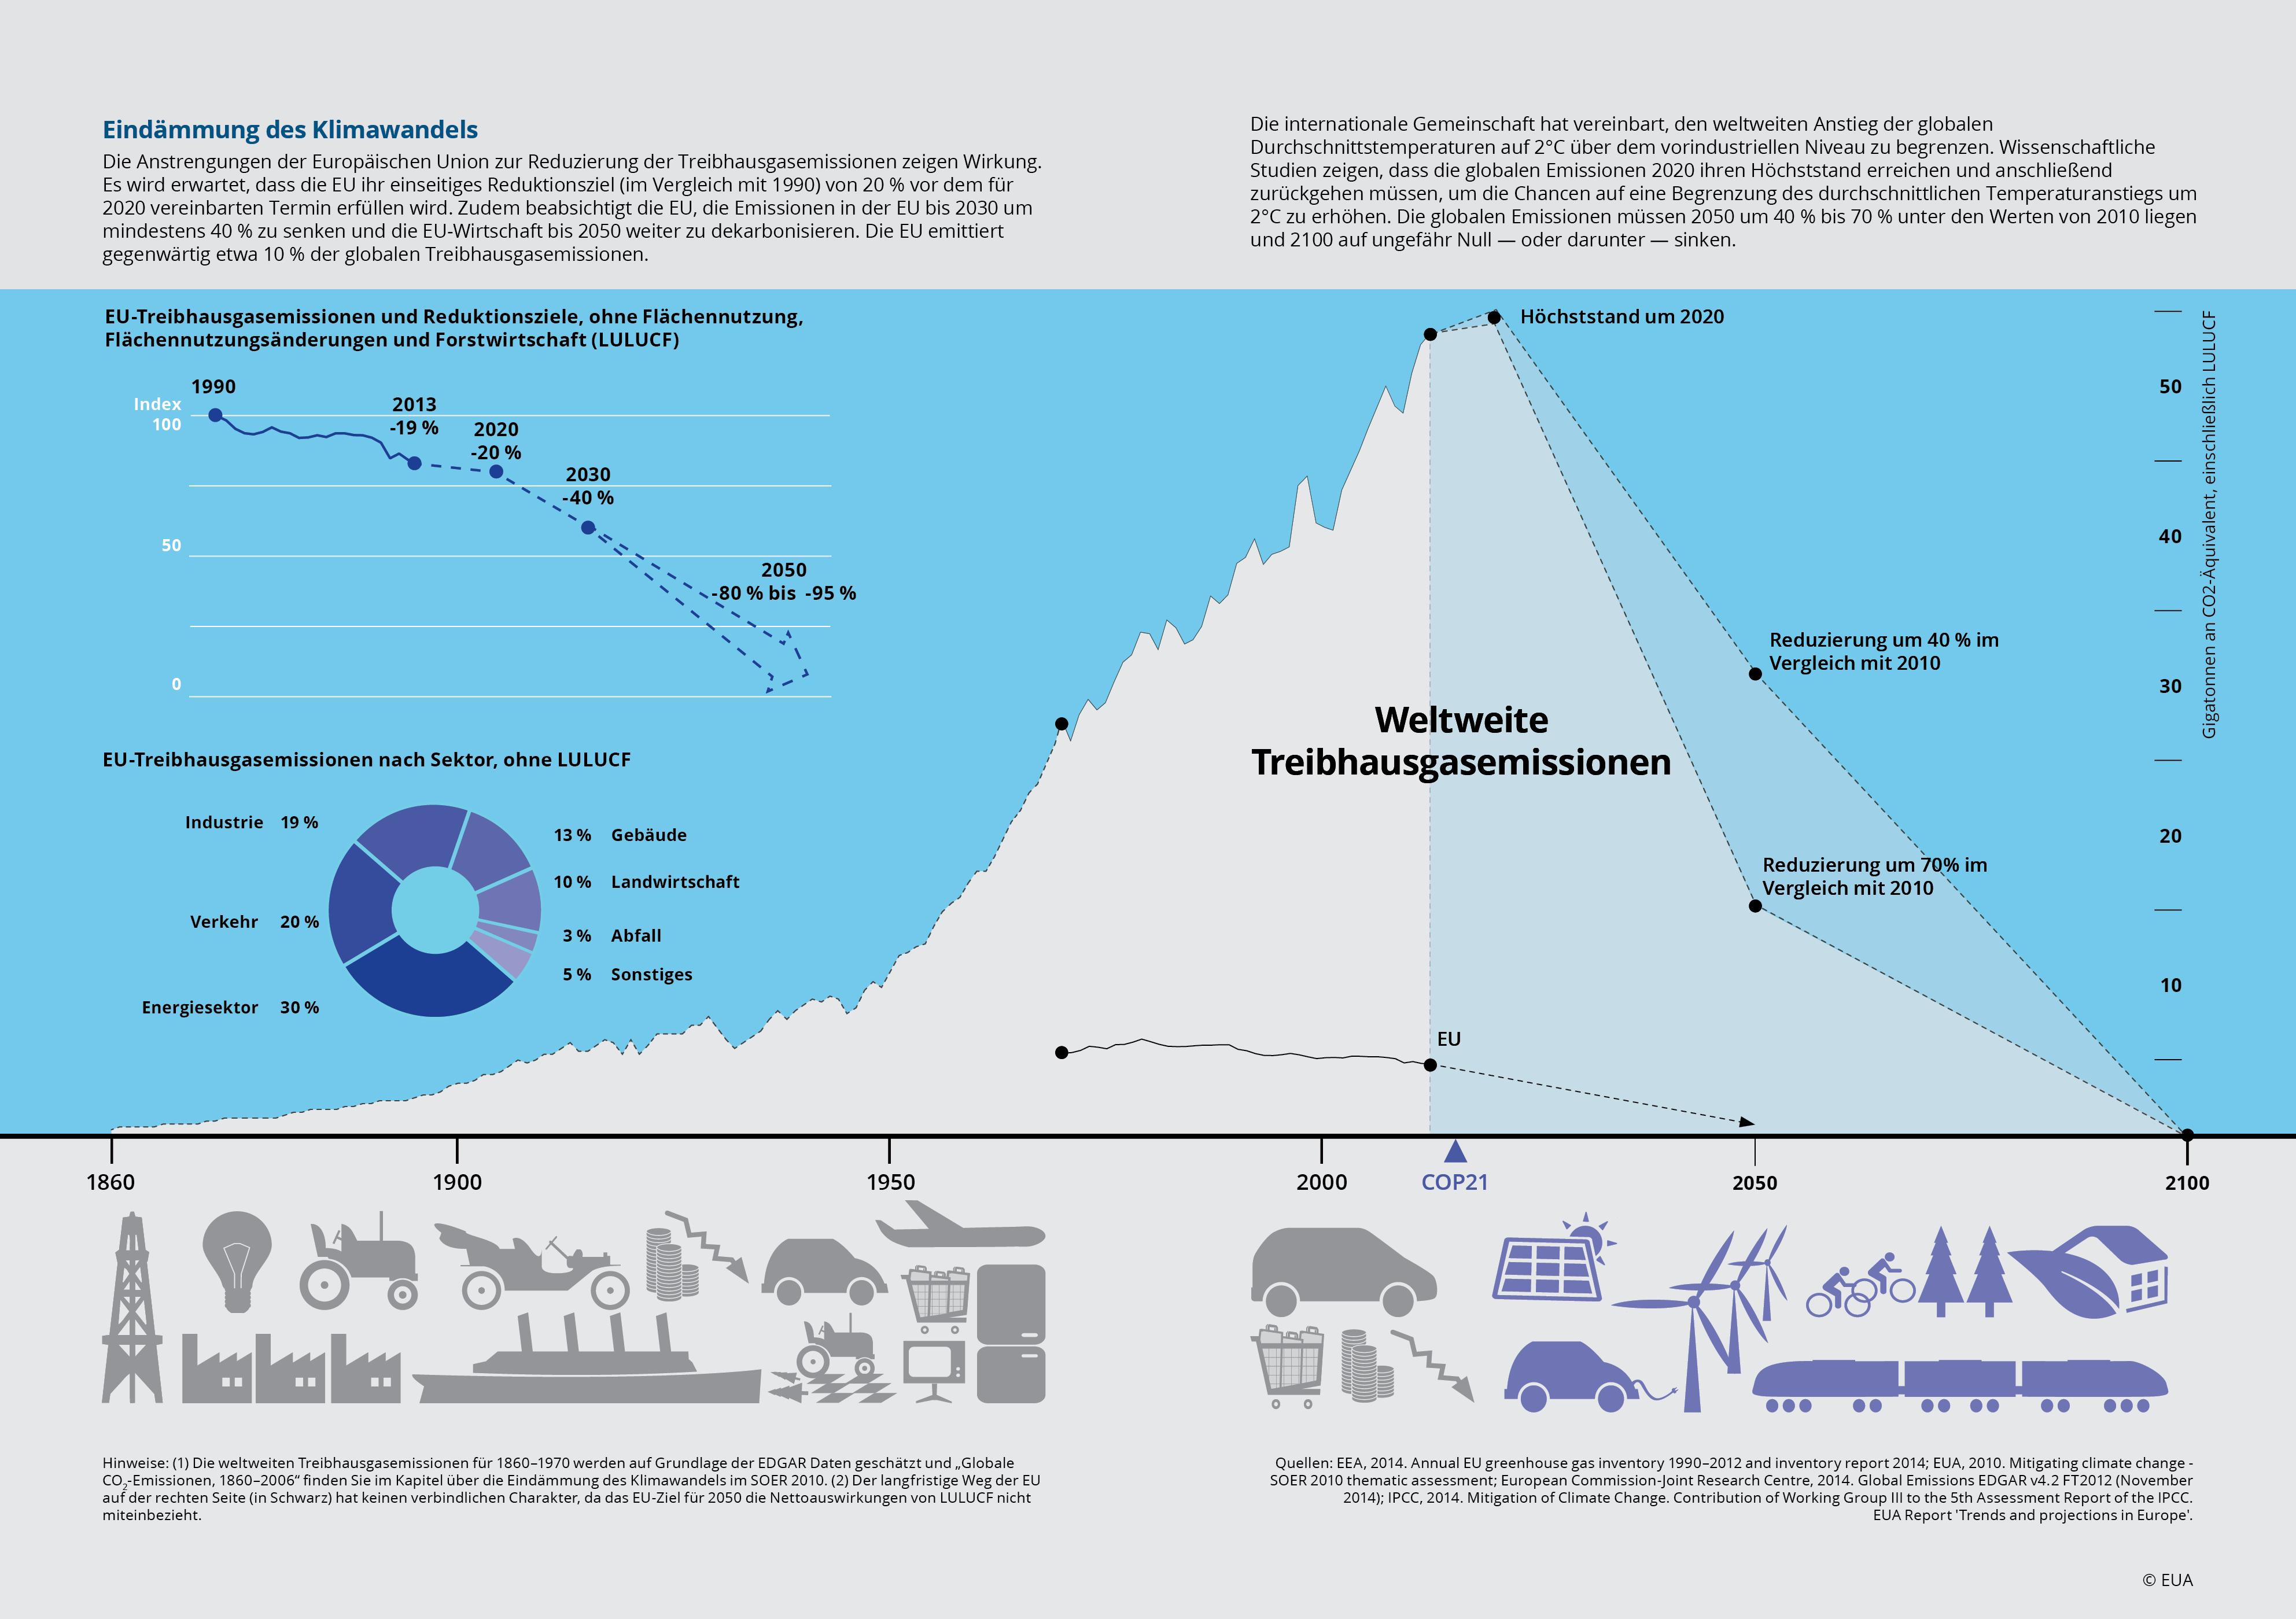 Eindämmung des Klimawandels